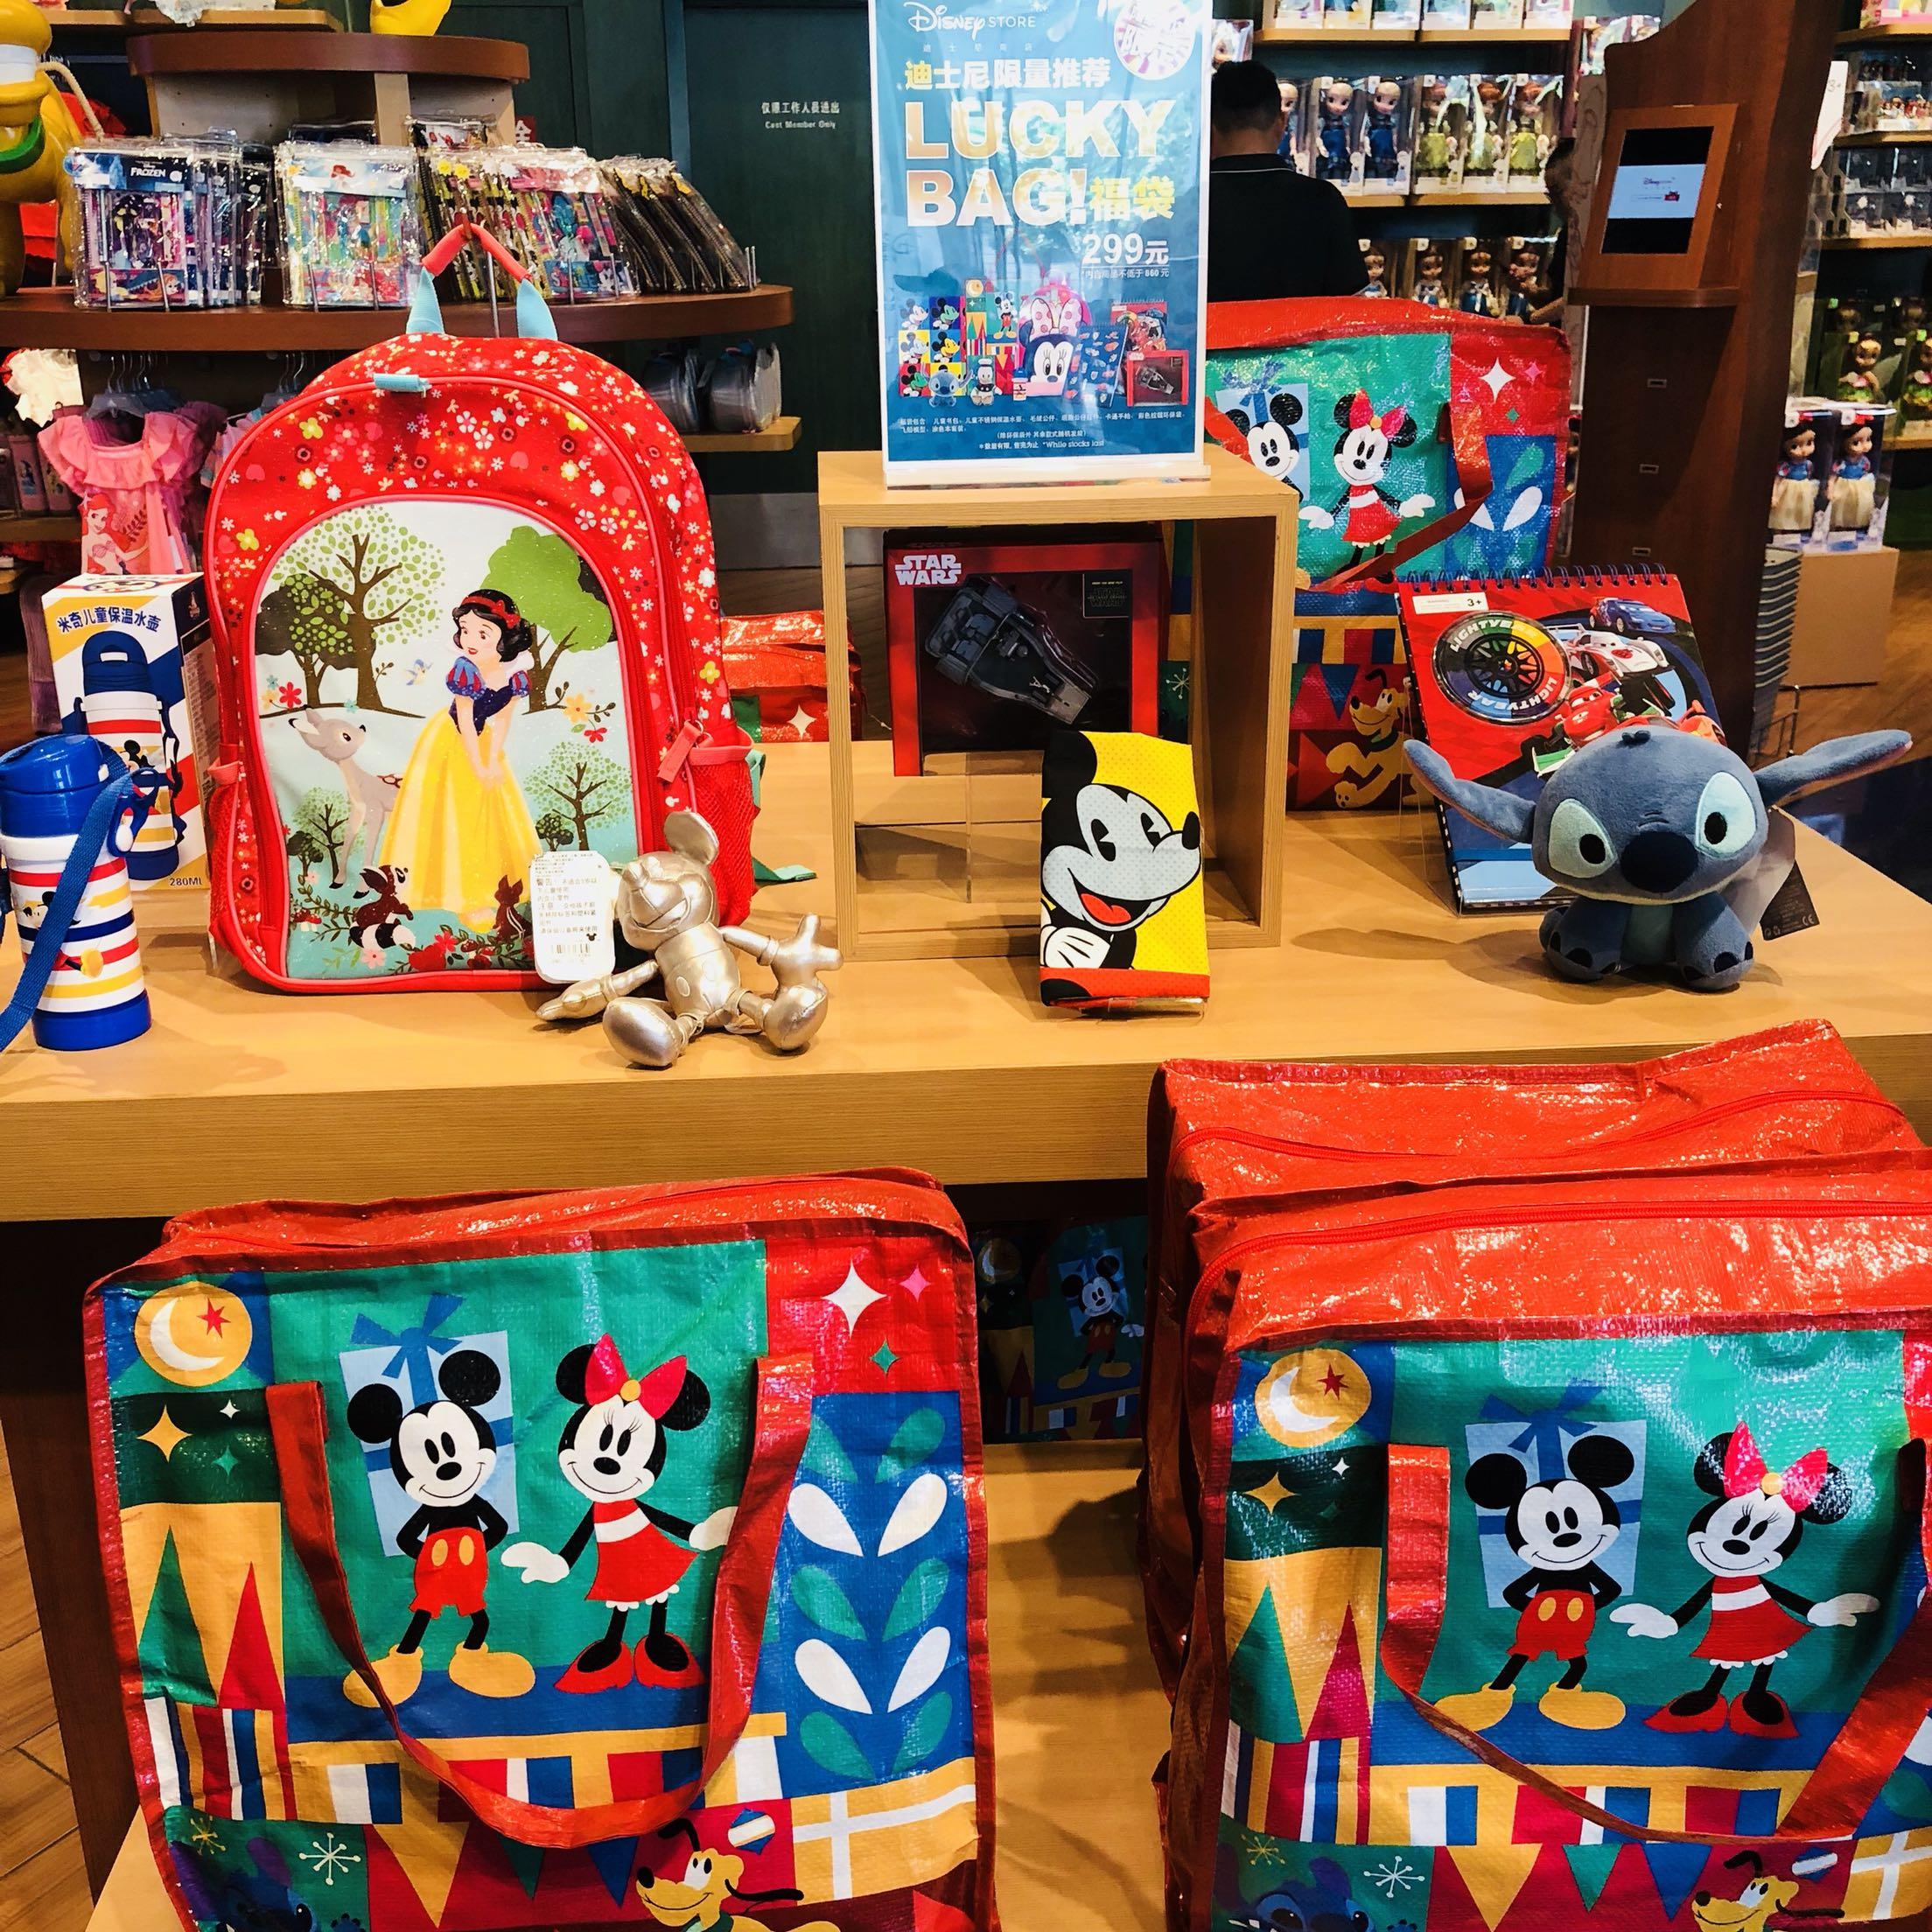 上海迪士尼国内代购 限量版福袋 内含书包 保温杯毛绒 等款式随机